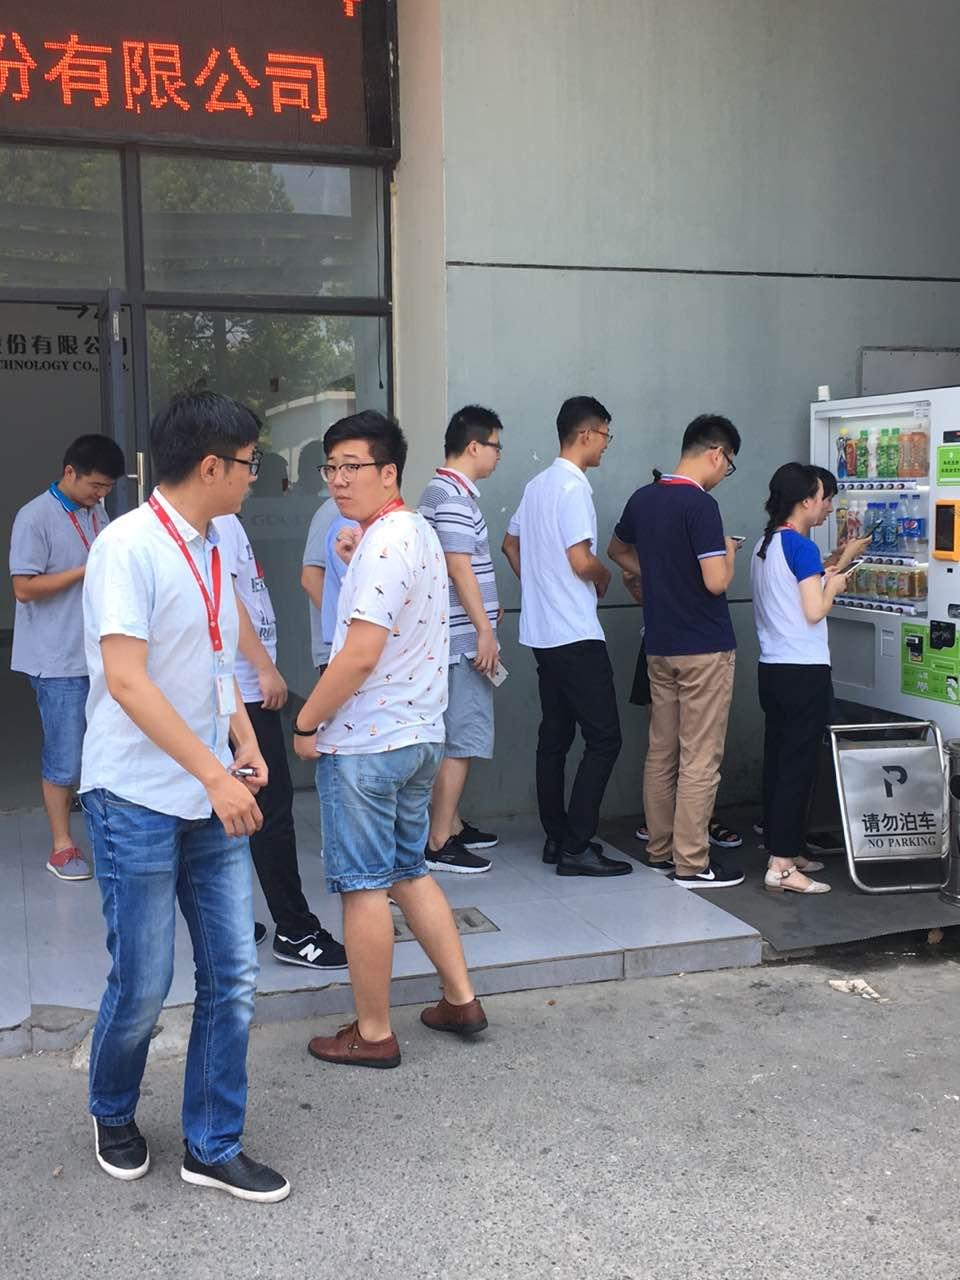 智能售货机,自动售货机,自助售卖机,自动贩卖机